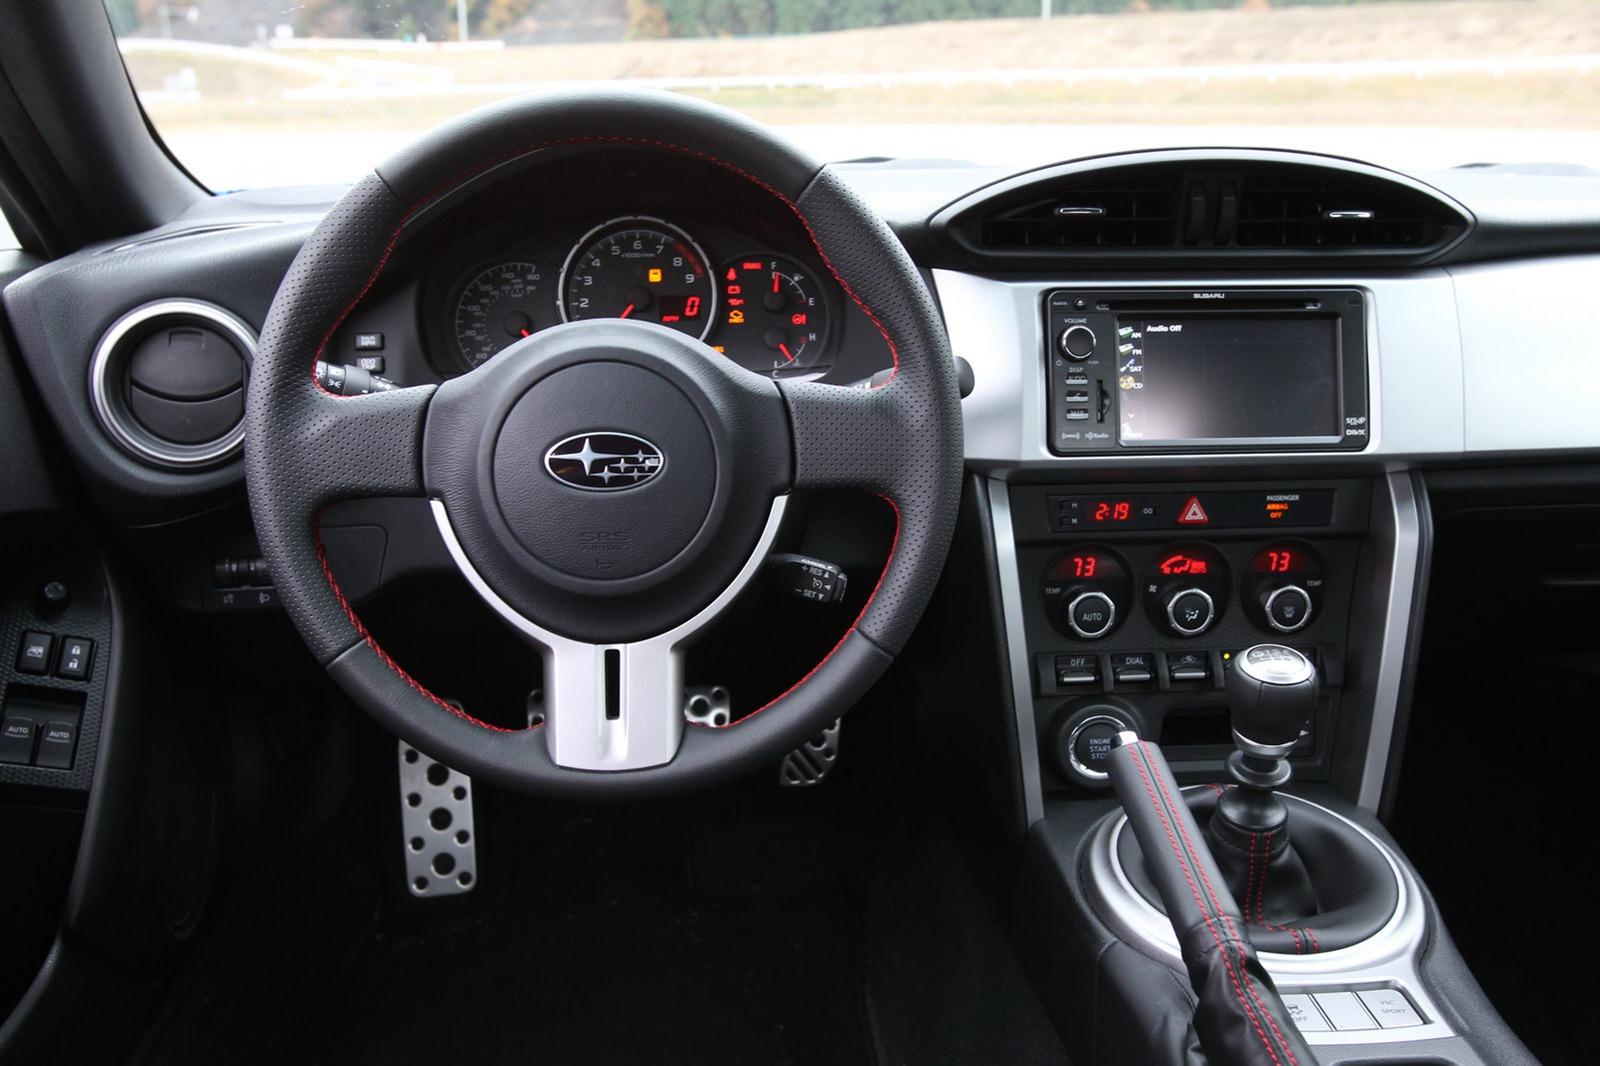 2013-Subaru-BRZ-Coupe-Interior-7.jpg?imgmax=1800